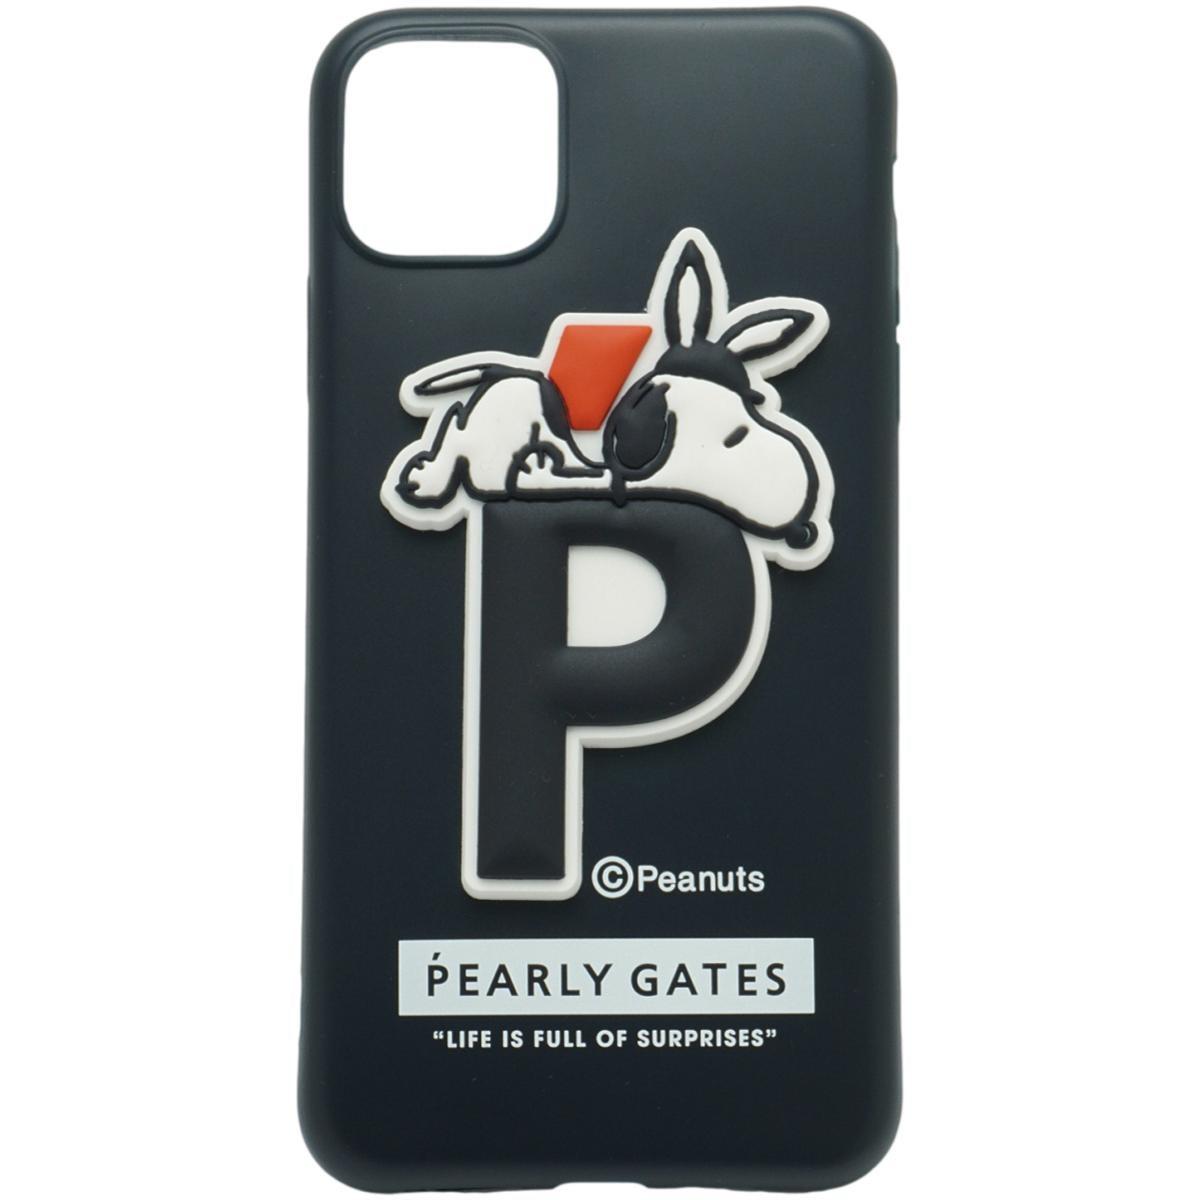 [2020年モデル] パーリーゲイツ PEARLY GATES SNOOPY iPhone11proMax対応ケース ネイビー 120 ゴルフ